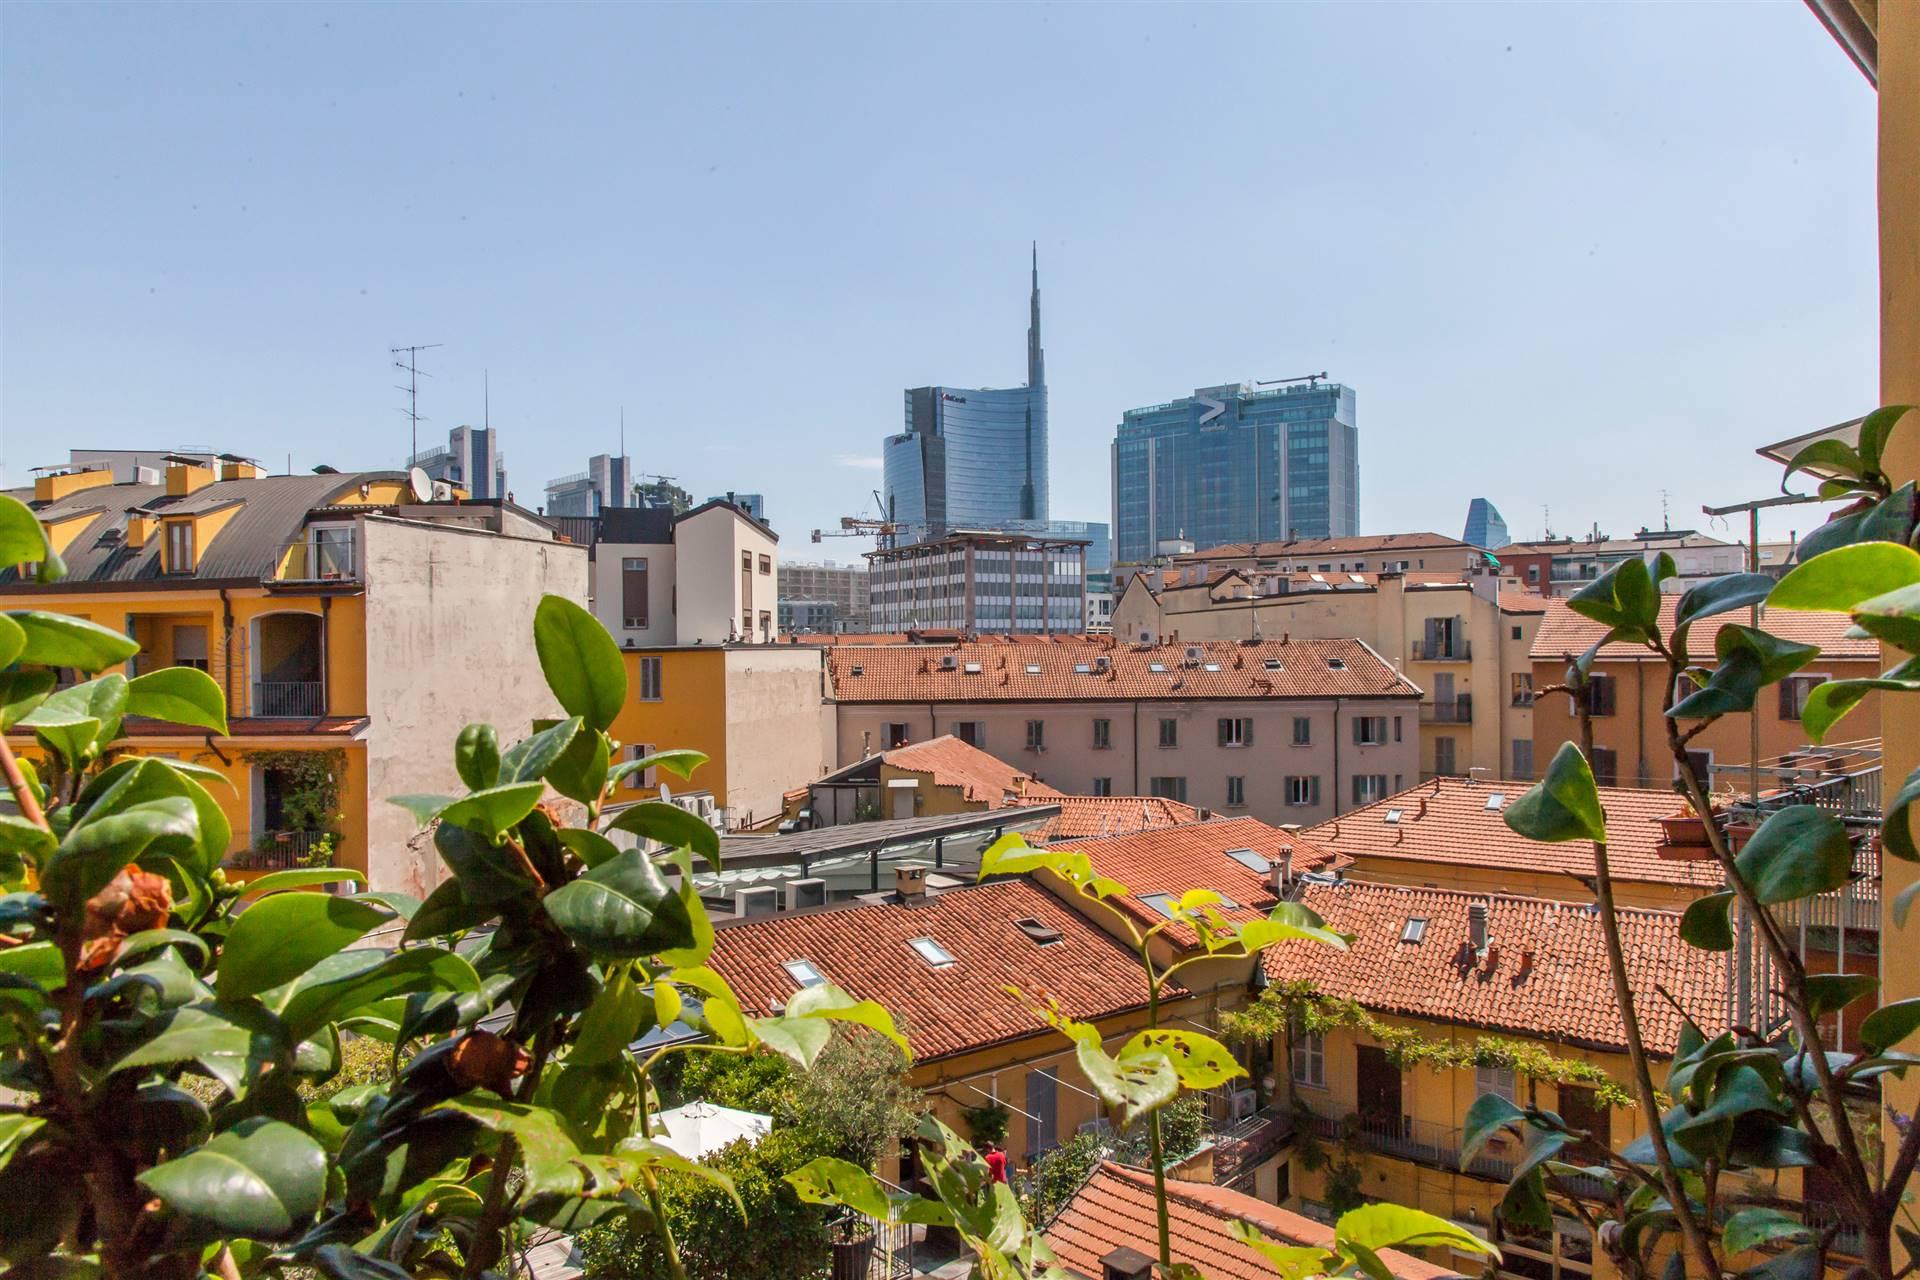 STAZIONE GARIBALDI, MILANO, Пентхауз на продажу, Xорошо, Отопление Независимое, Класс энергосбережения: G, Epi: 175 kwh/m2 год, на земле 4° на 4, состоит из: 3 Помещения, Подвергаться, , 2 Комнаты, 2